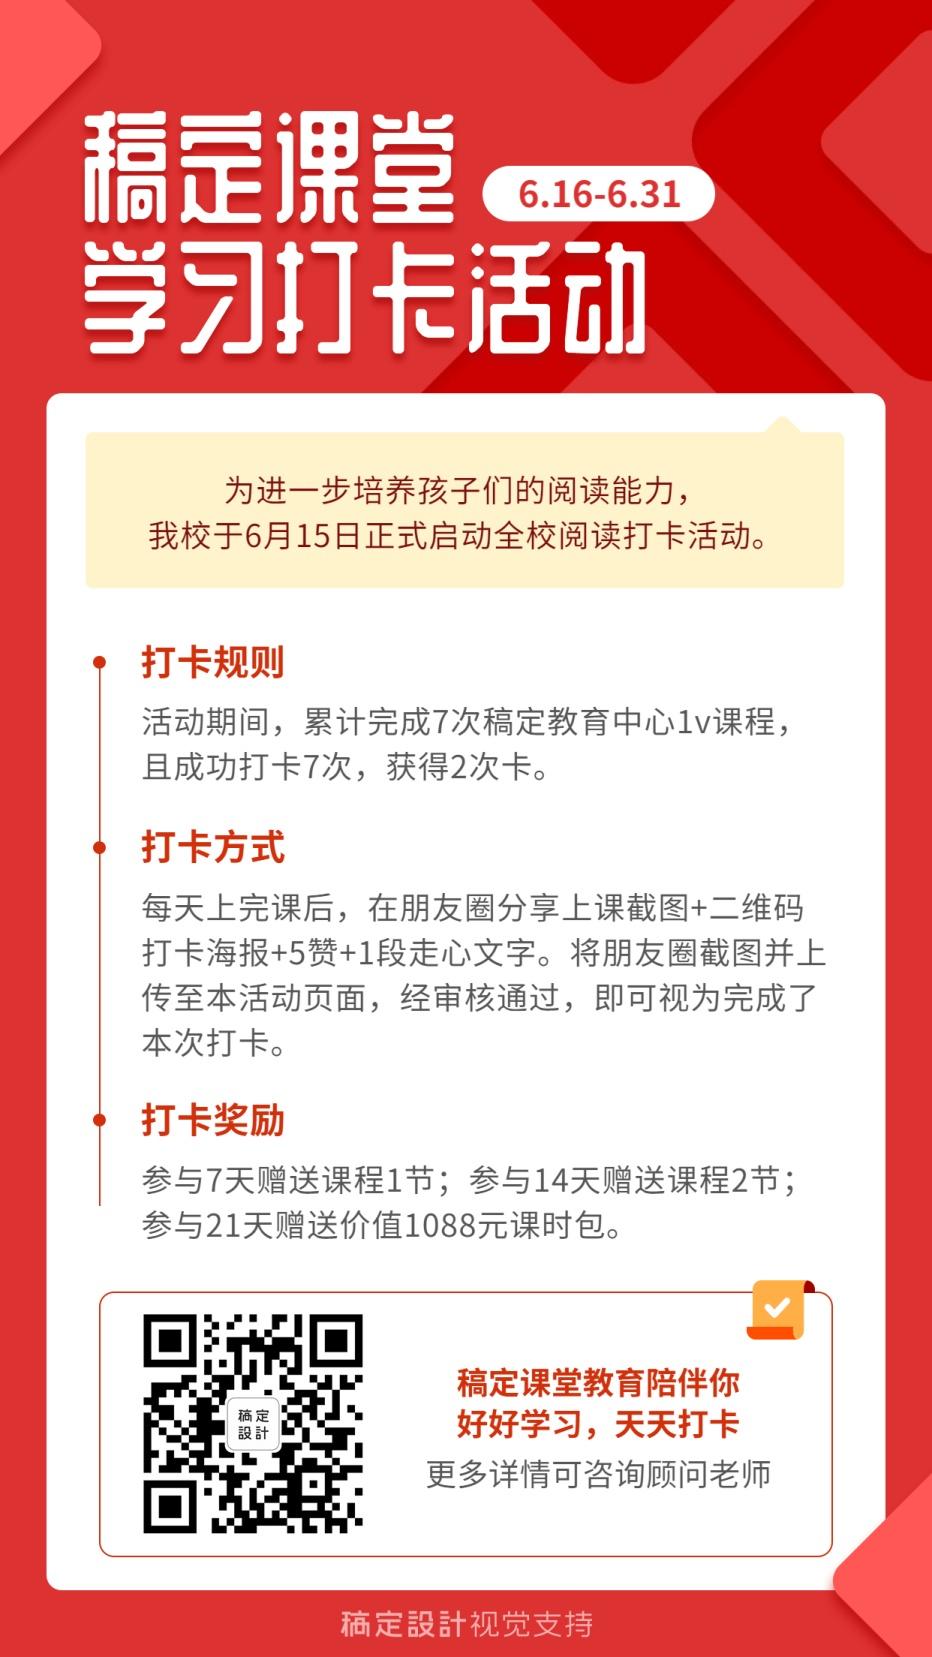 学习打卡红色简约手机海报